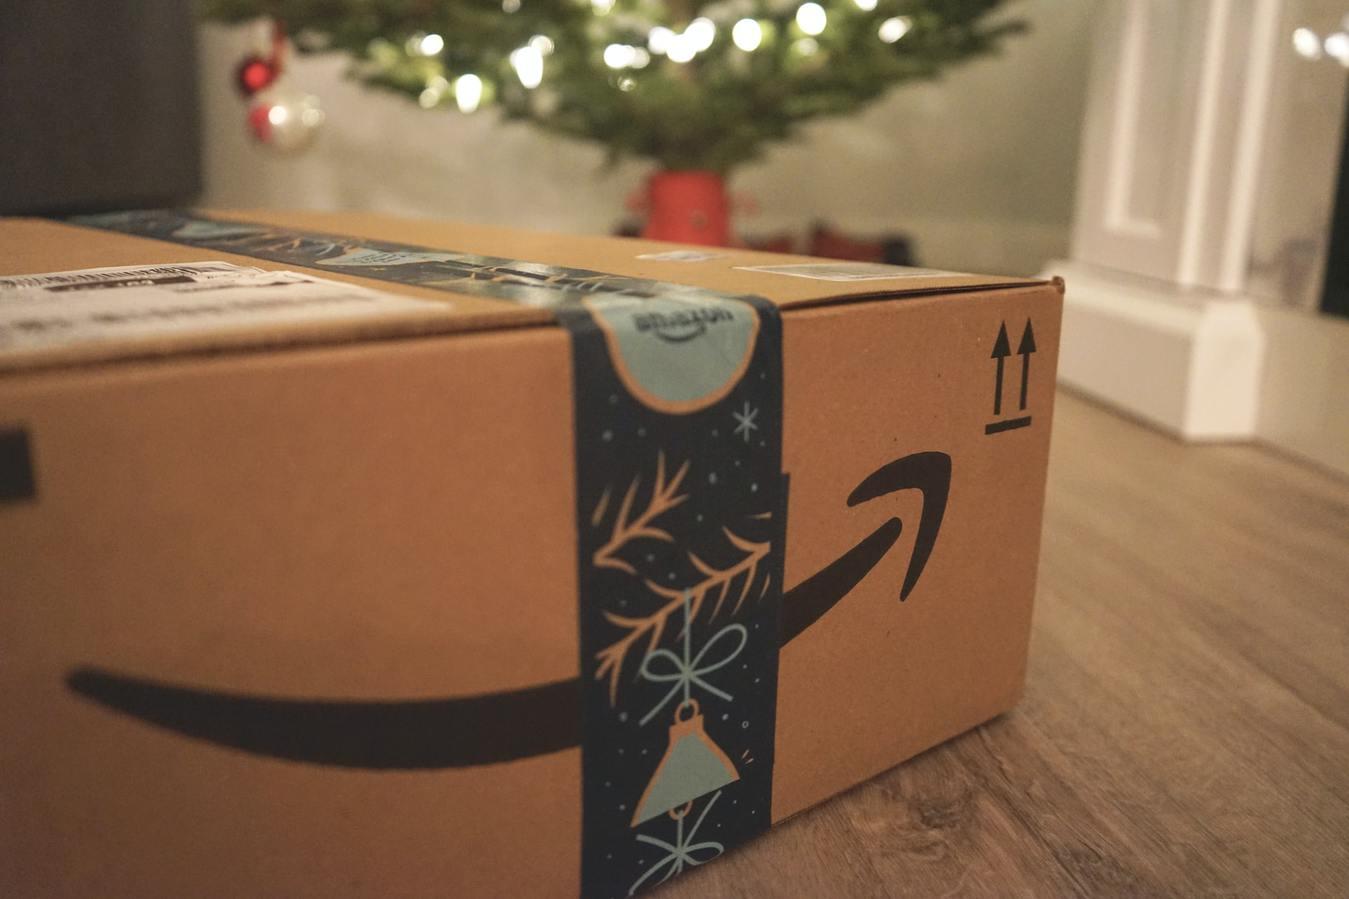 caixa de uma encomenda da Amazon com uma árvore de Natal no fundo